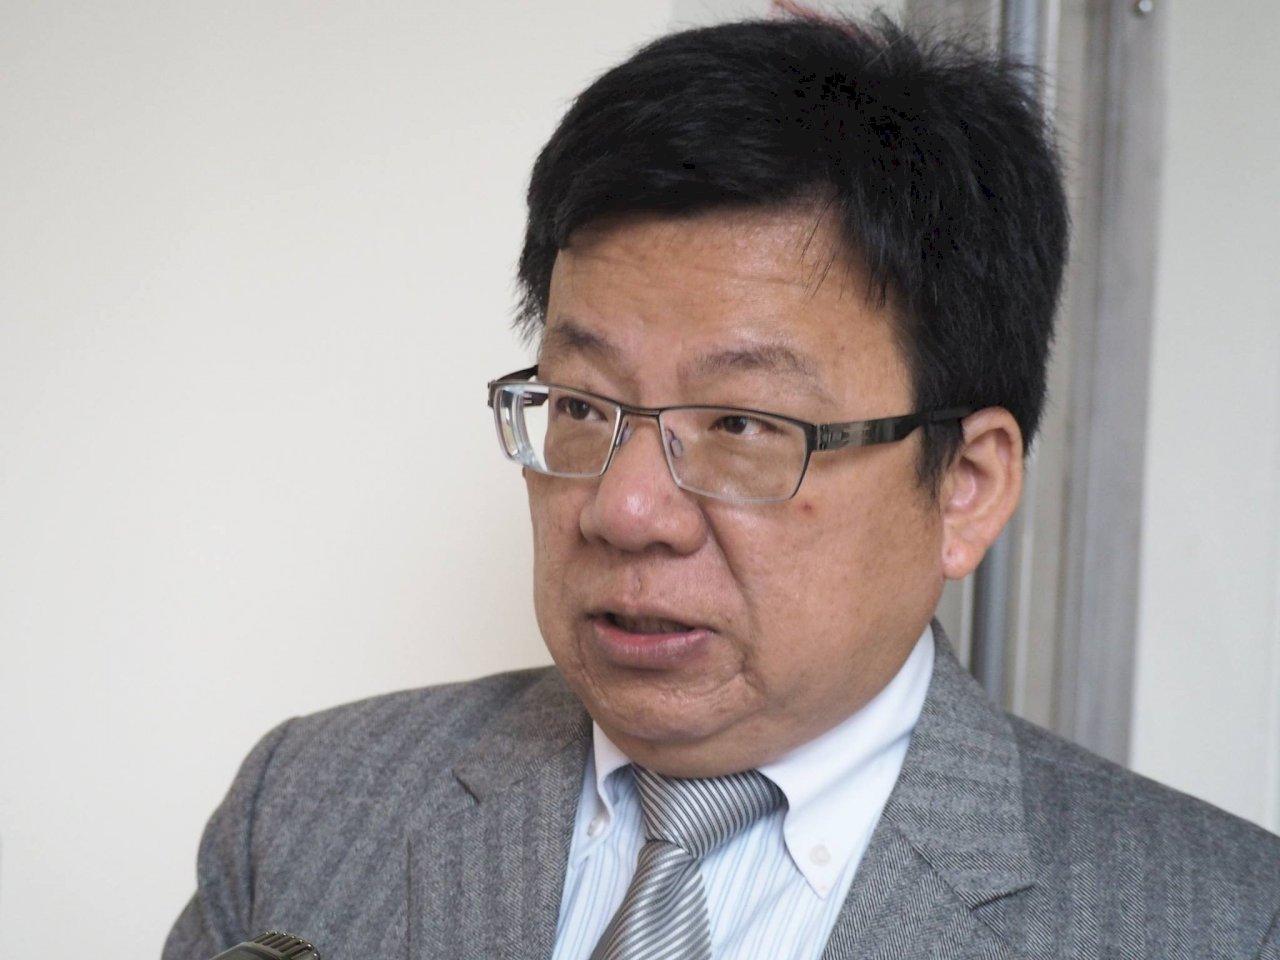 持中國居住證者要登記 立委指可修法討論